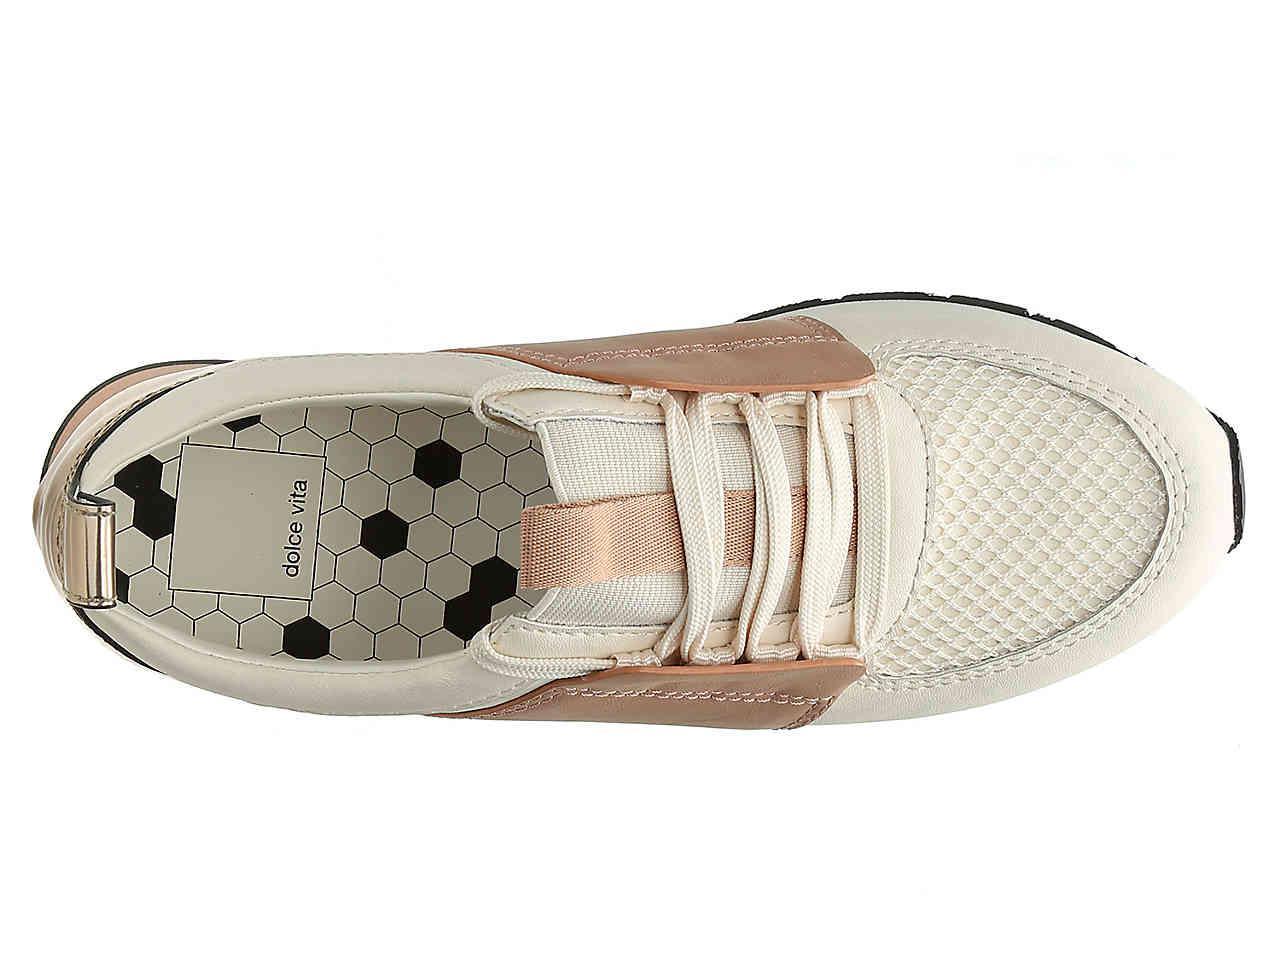 c0b81896e6b Lyst - Dolce Vita Yvette Platform Sneaker